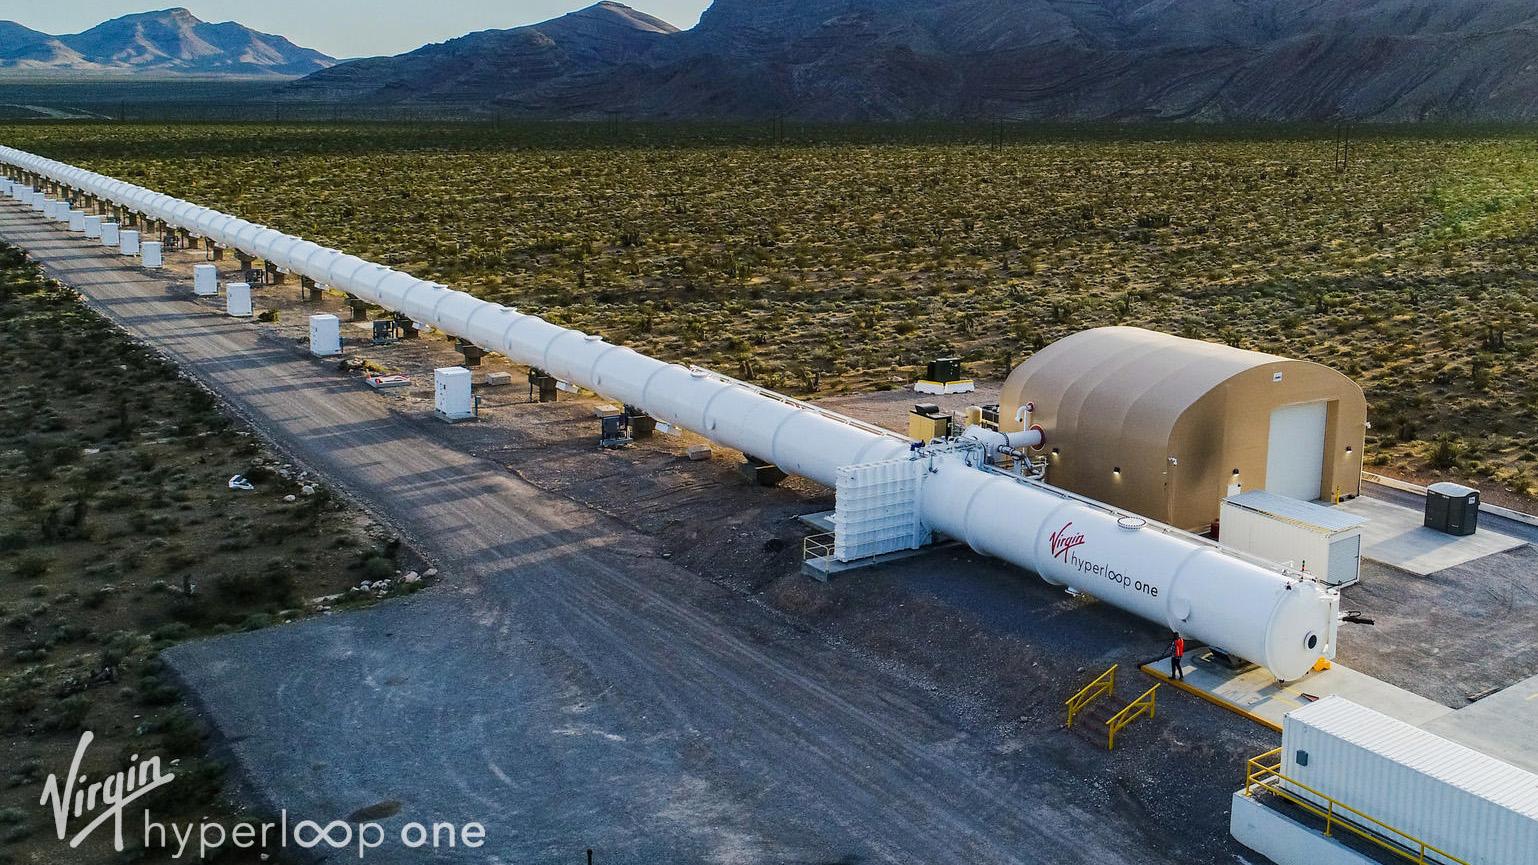 hyperloop one_1531306594664.jpg.jpg